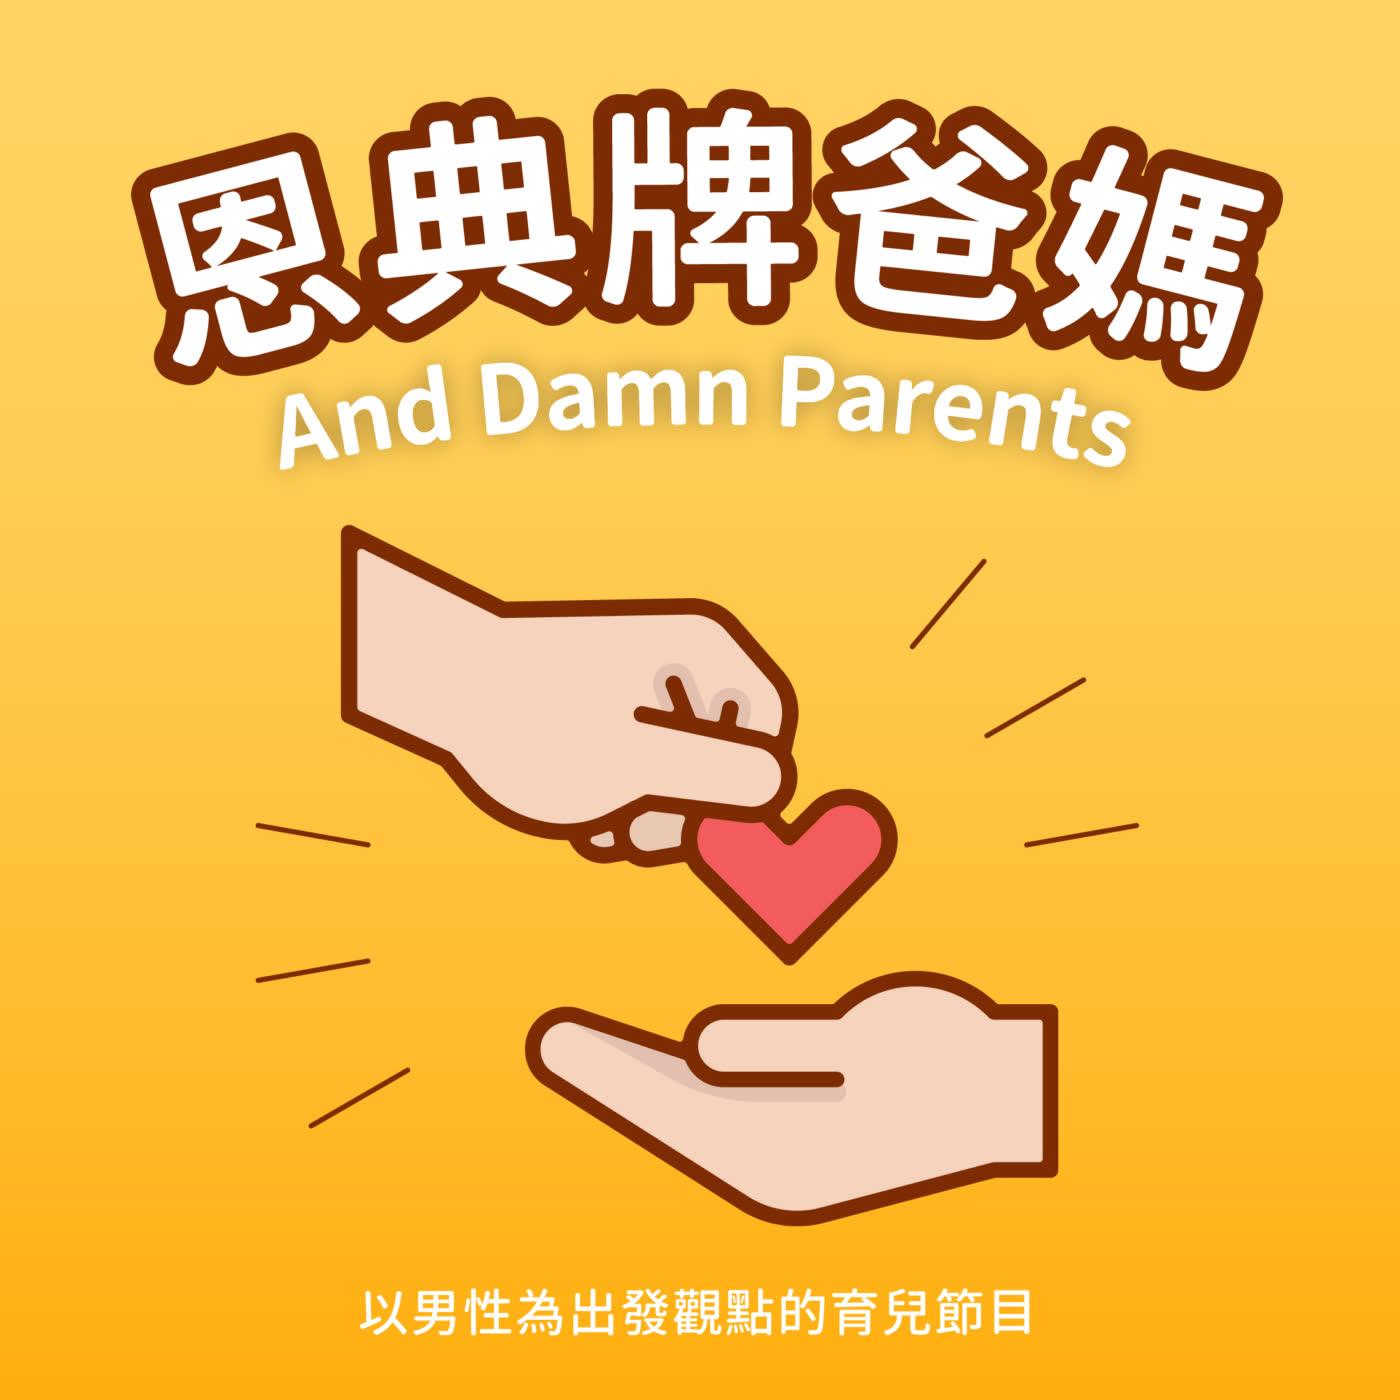 EP29 | 台灣拍出魷魚遊戲要幹嘛 | 魷魚遊戲為何成功?、台劇現況困境、拍得出來然後呢?、人生必看劇推薦